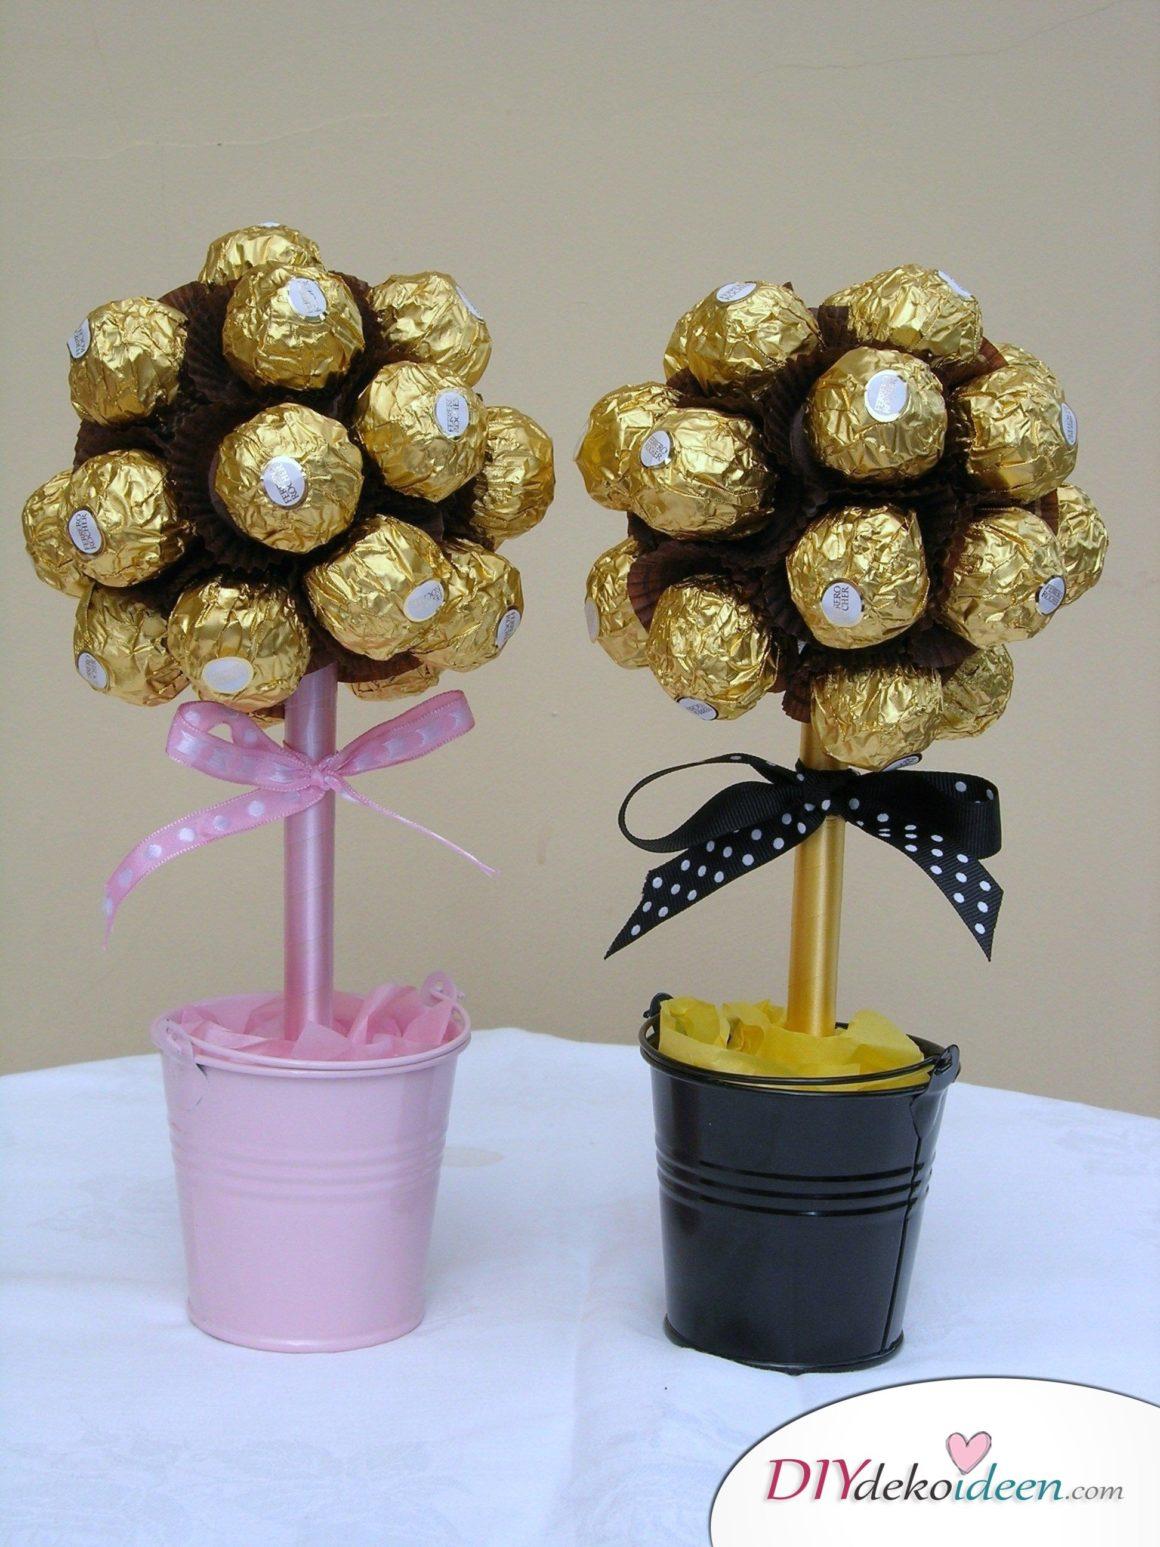 Weihnachtsgeschenke Ideen für Freundin- Blumenstrauß aus Süßigkeiten